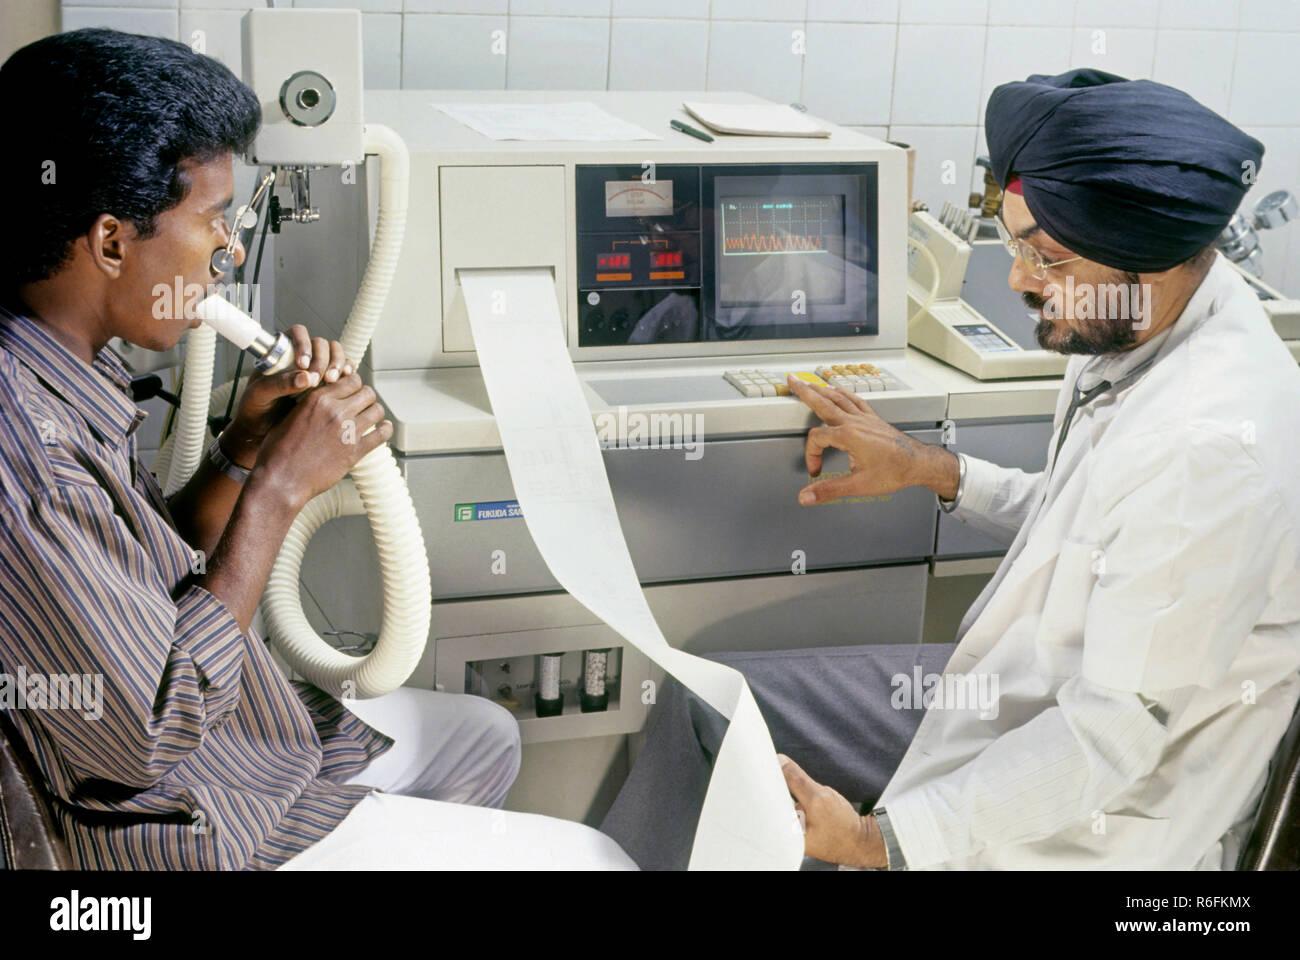 hospital, body testing, india - Stock Image